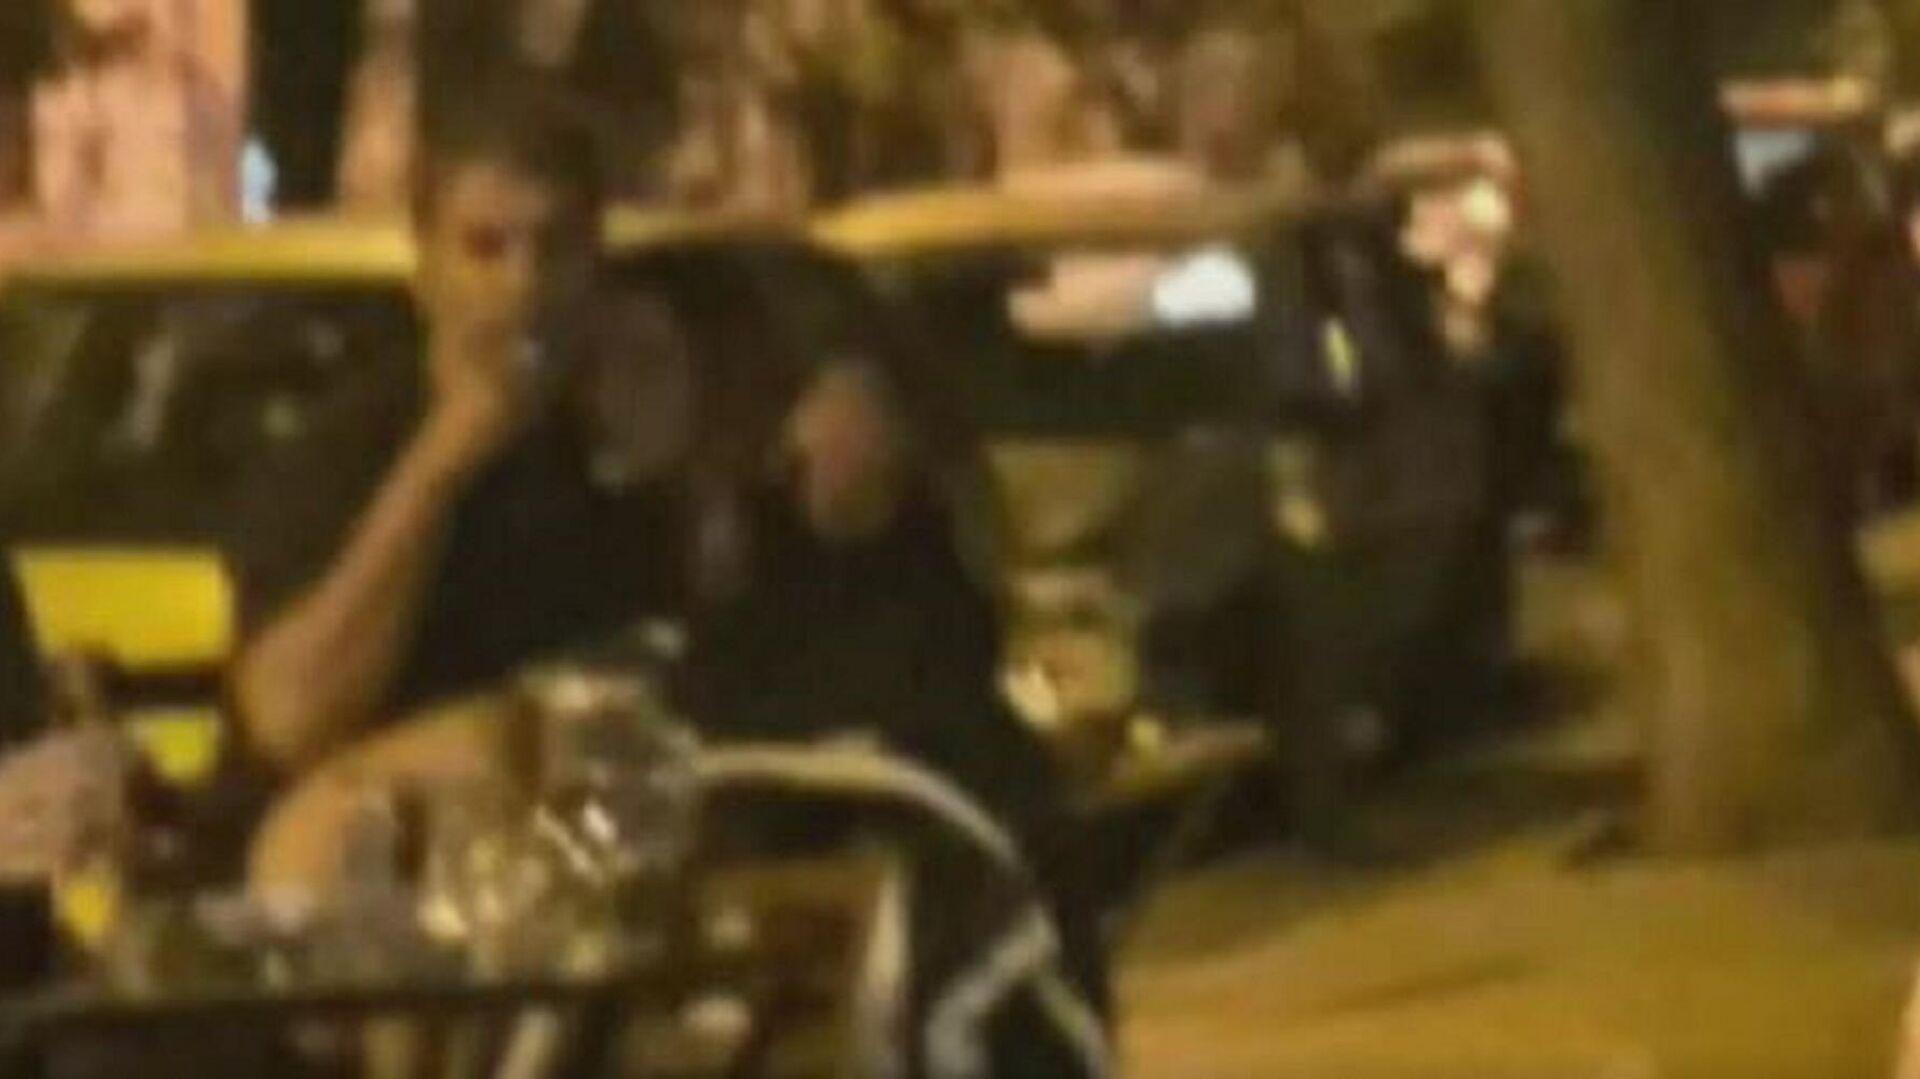 Δέσποινα Βανδή και Βασίλης Μπισμπίκης σε κουτούκι των Εξαρχείων - Sputnik Ελλάδα, 1920, 06.10.2021